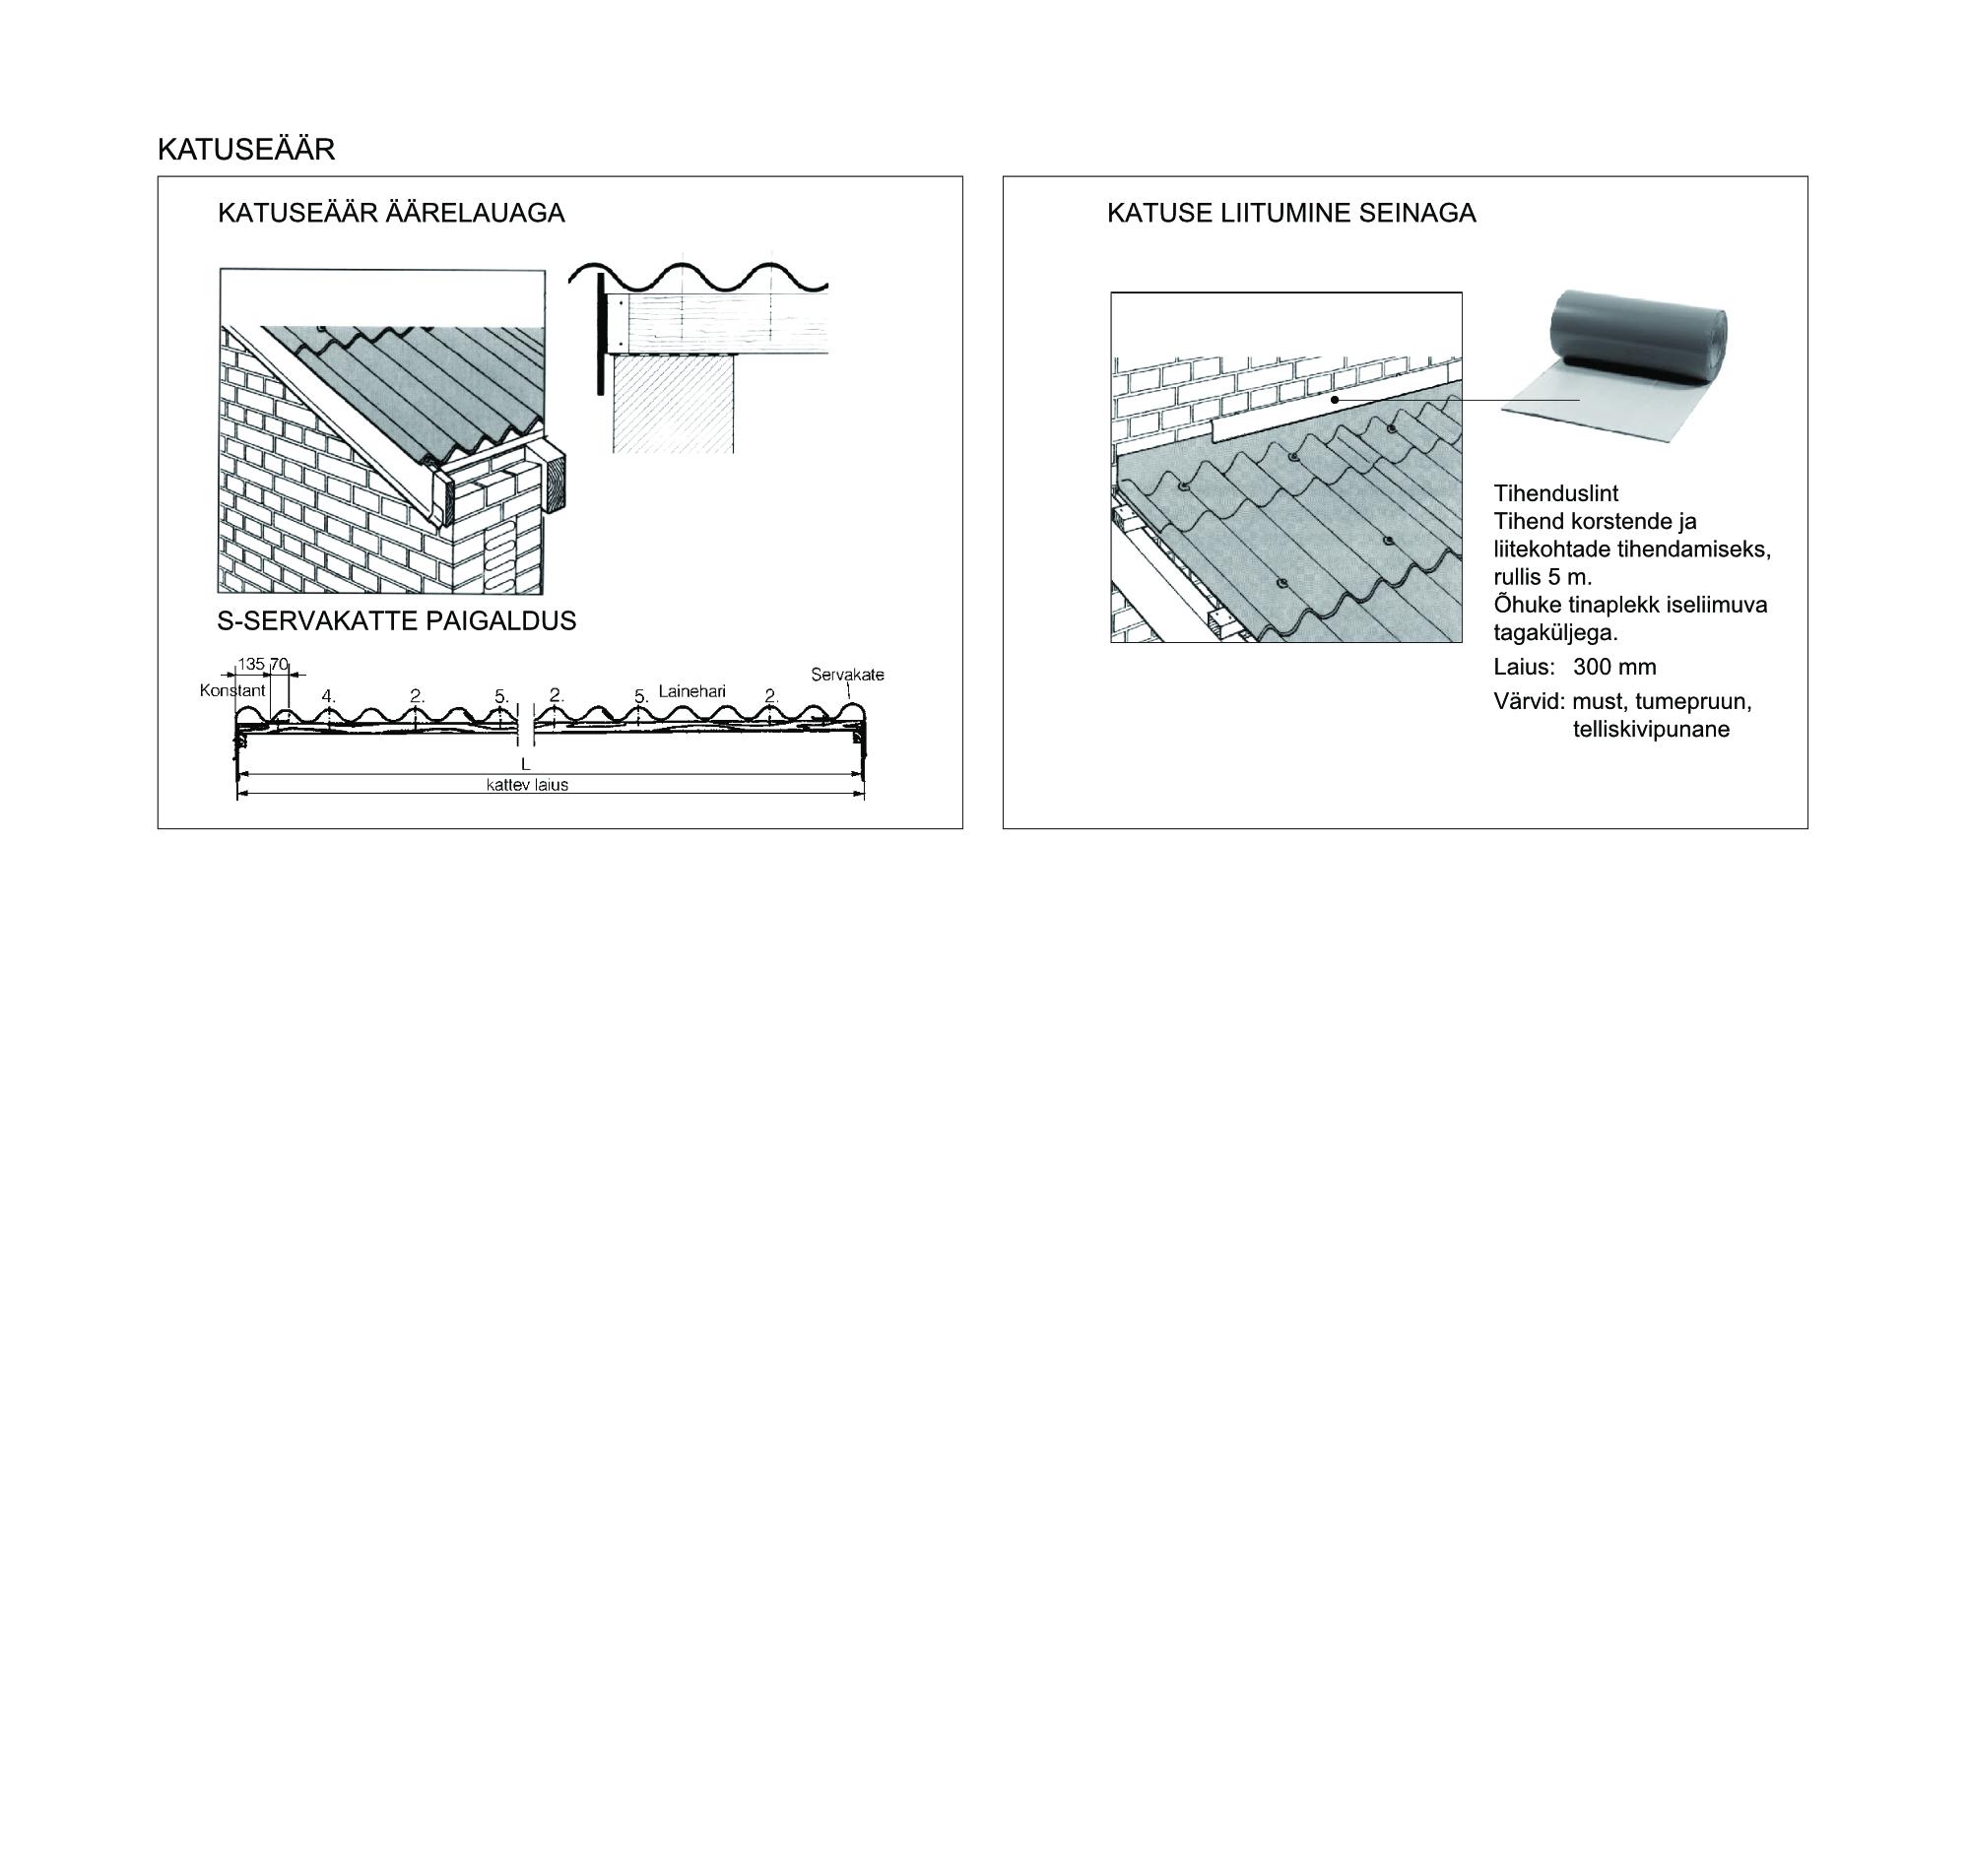 eterniitkatuse äär - katuseäär - eterniit paigaldus - paigaldusjuhendid